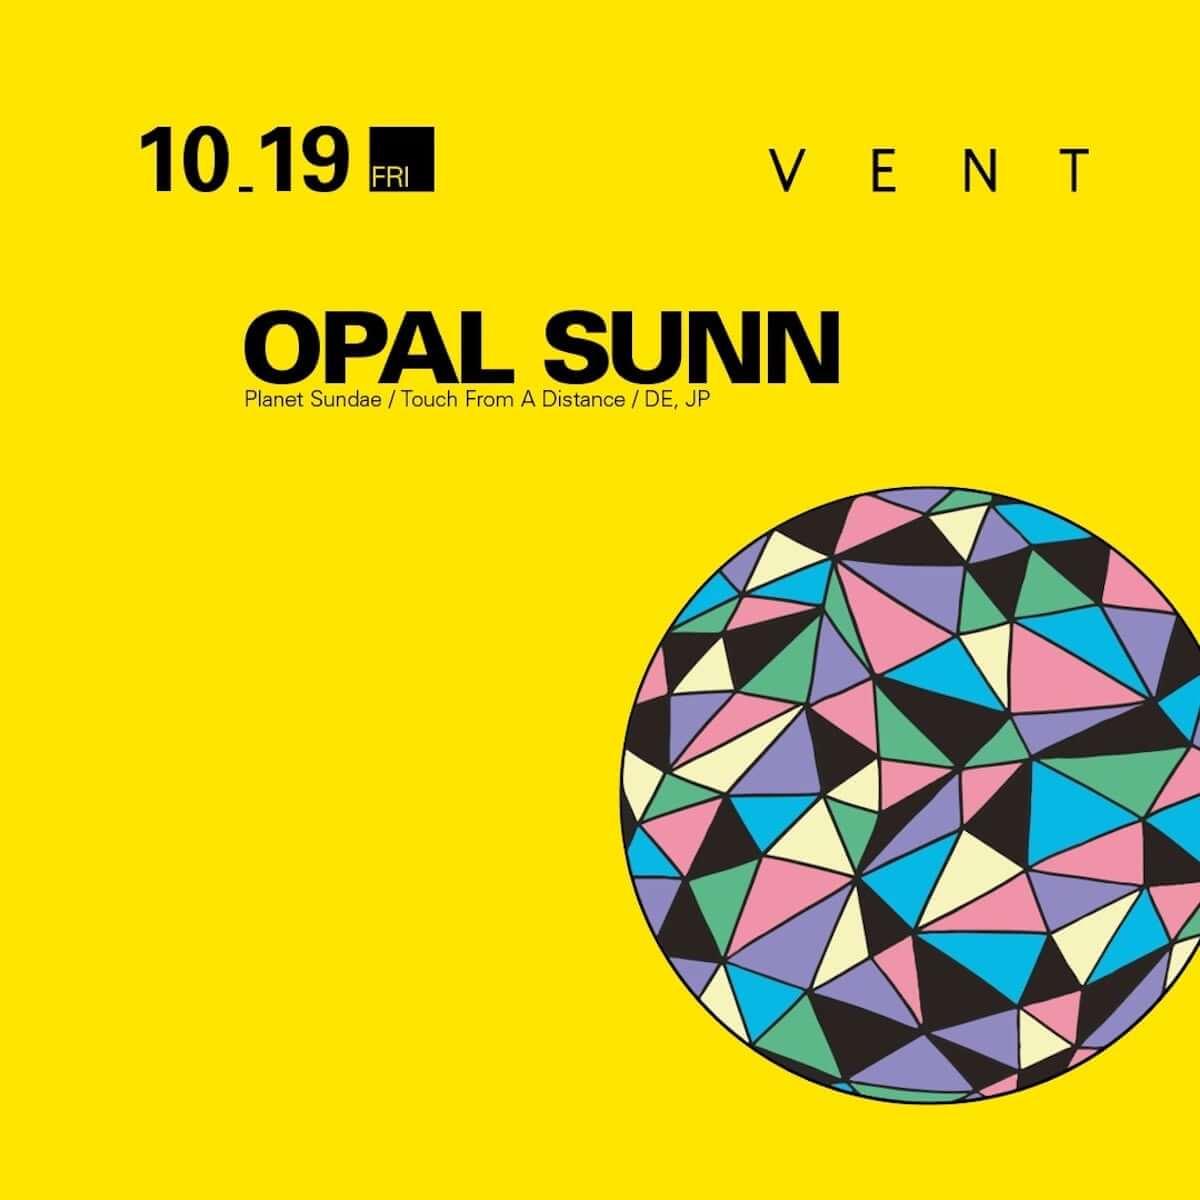 Opal Sunnの来日公演がVENTで開催|MayurashkaやMari Sakurai、N.O.S.クルーも登場 music181016-opal-sunn-3-1200x1200